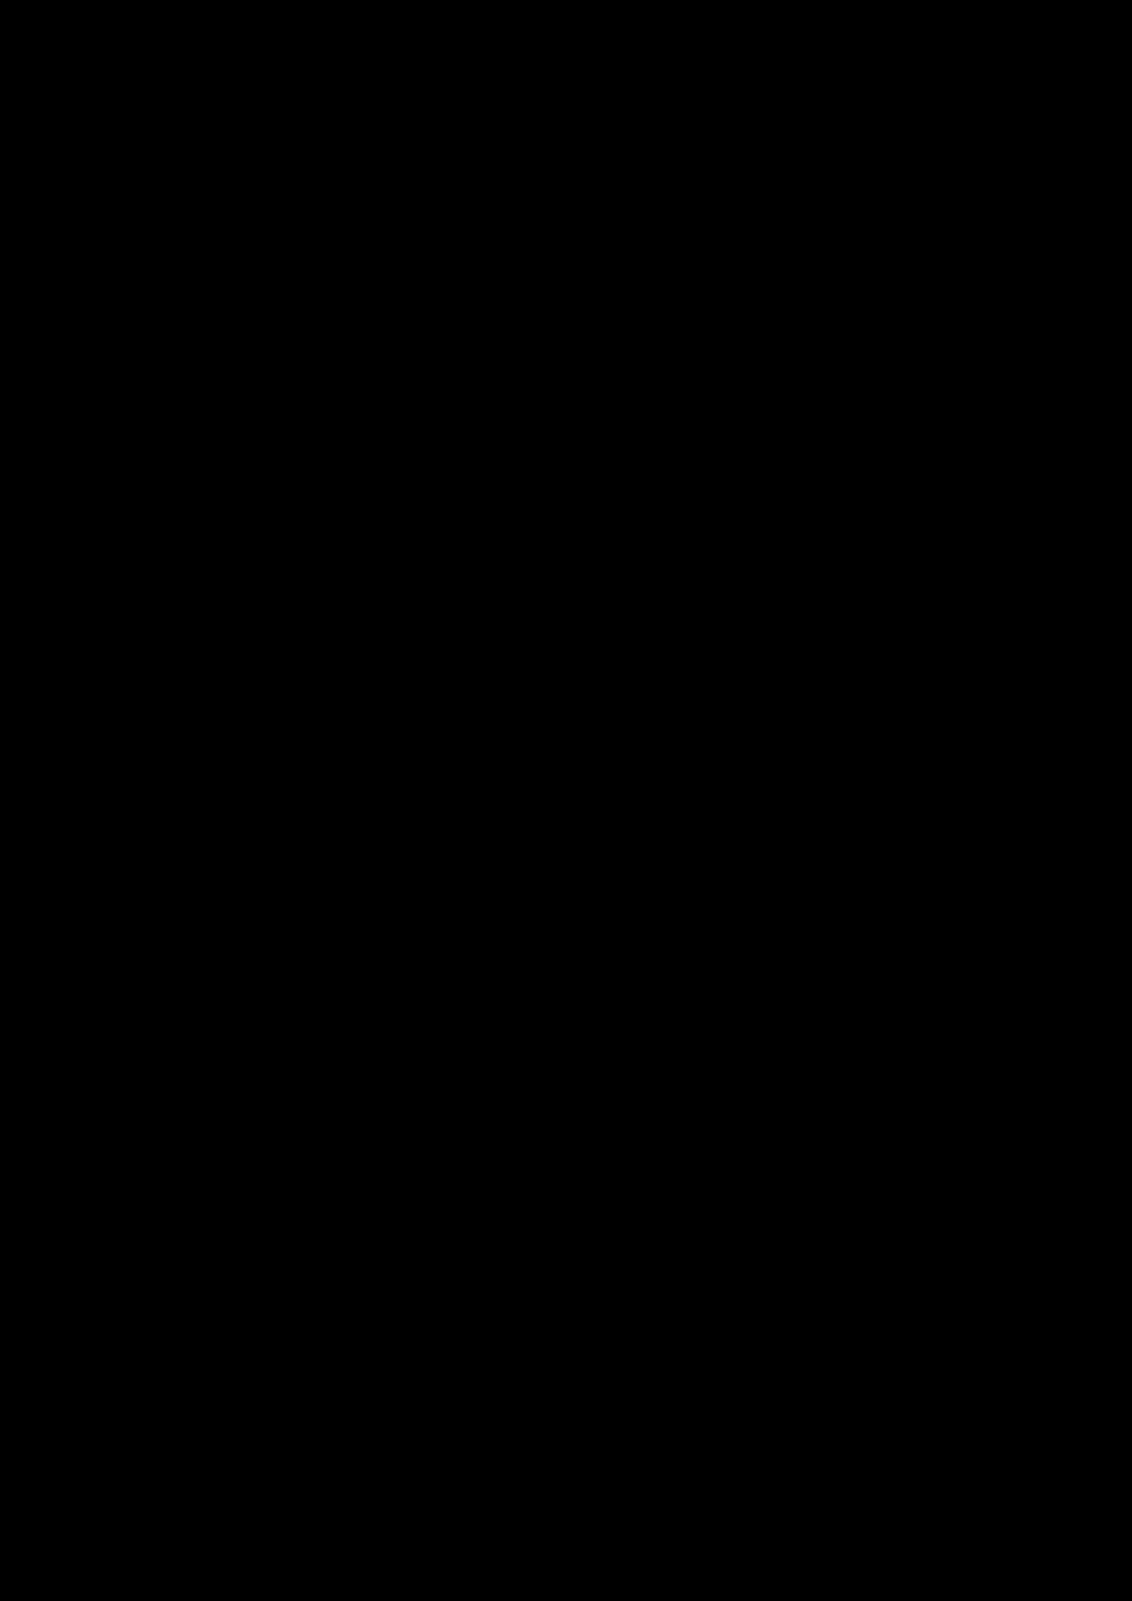 Zagadka volshebnoy stranyi slide, Image 195